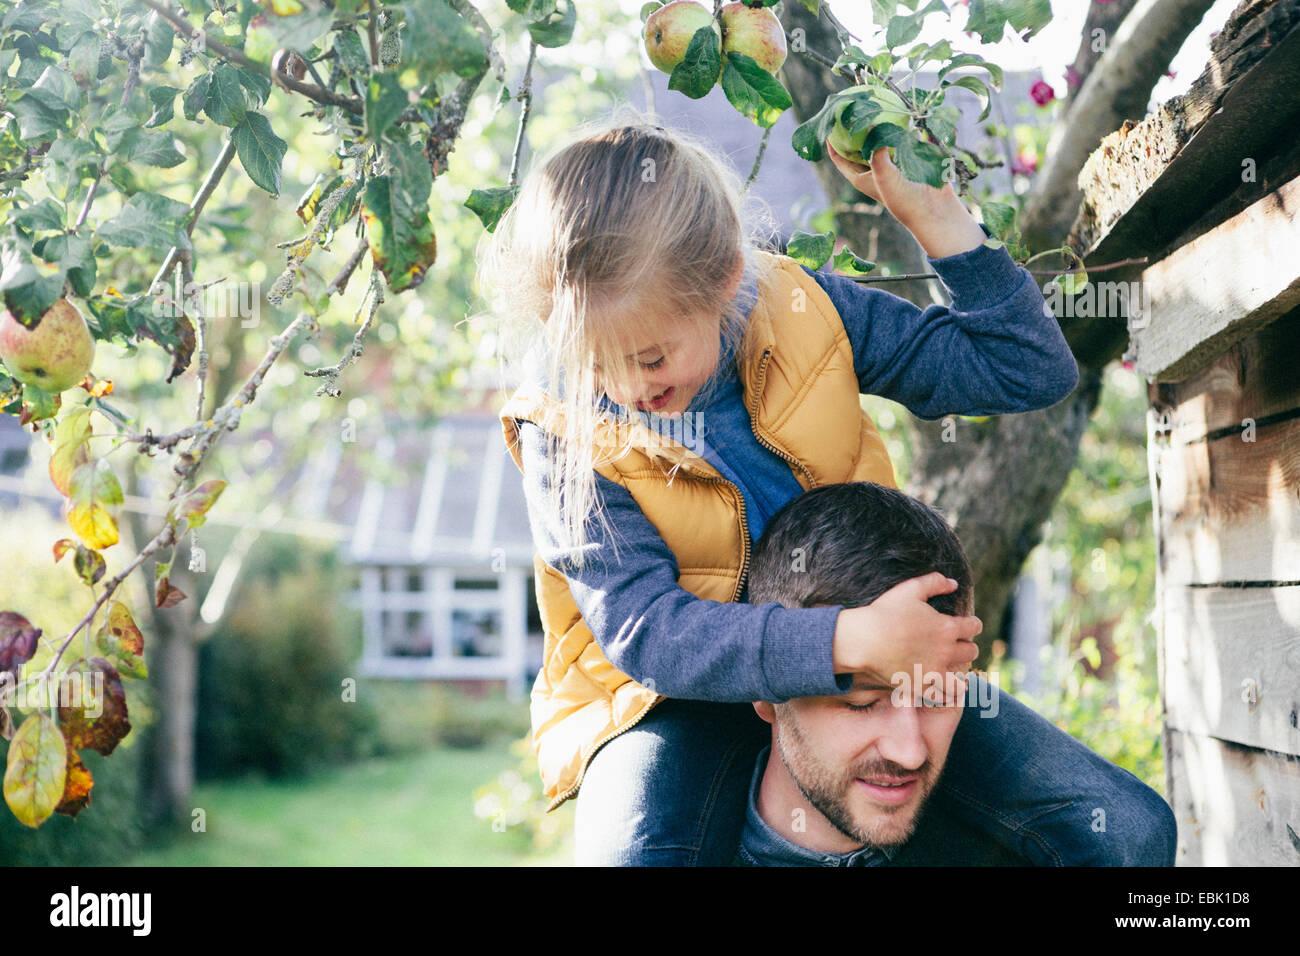 Figlia il Padre di spalle, picking apple dalla struttura ad albero Immagini Stock